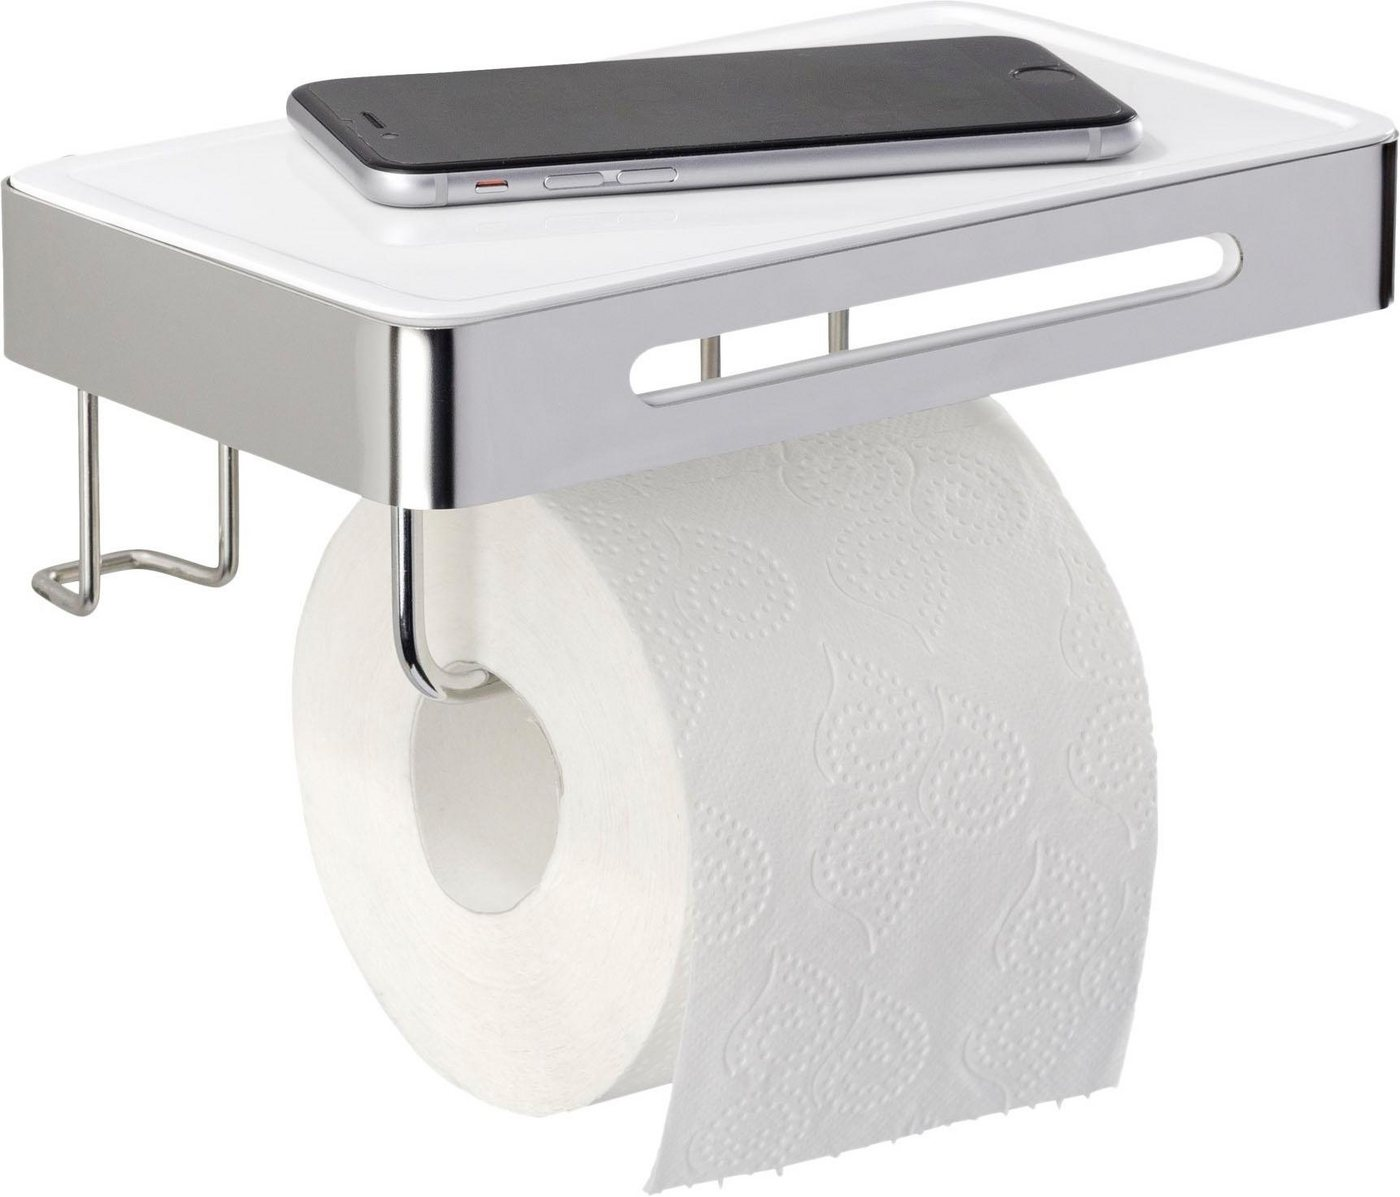 Chrom Glaenzend Toilettenpapierhalter Online Kaufen Mobel